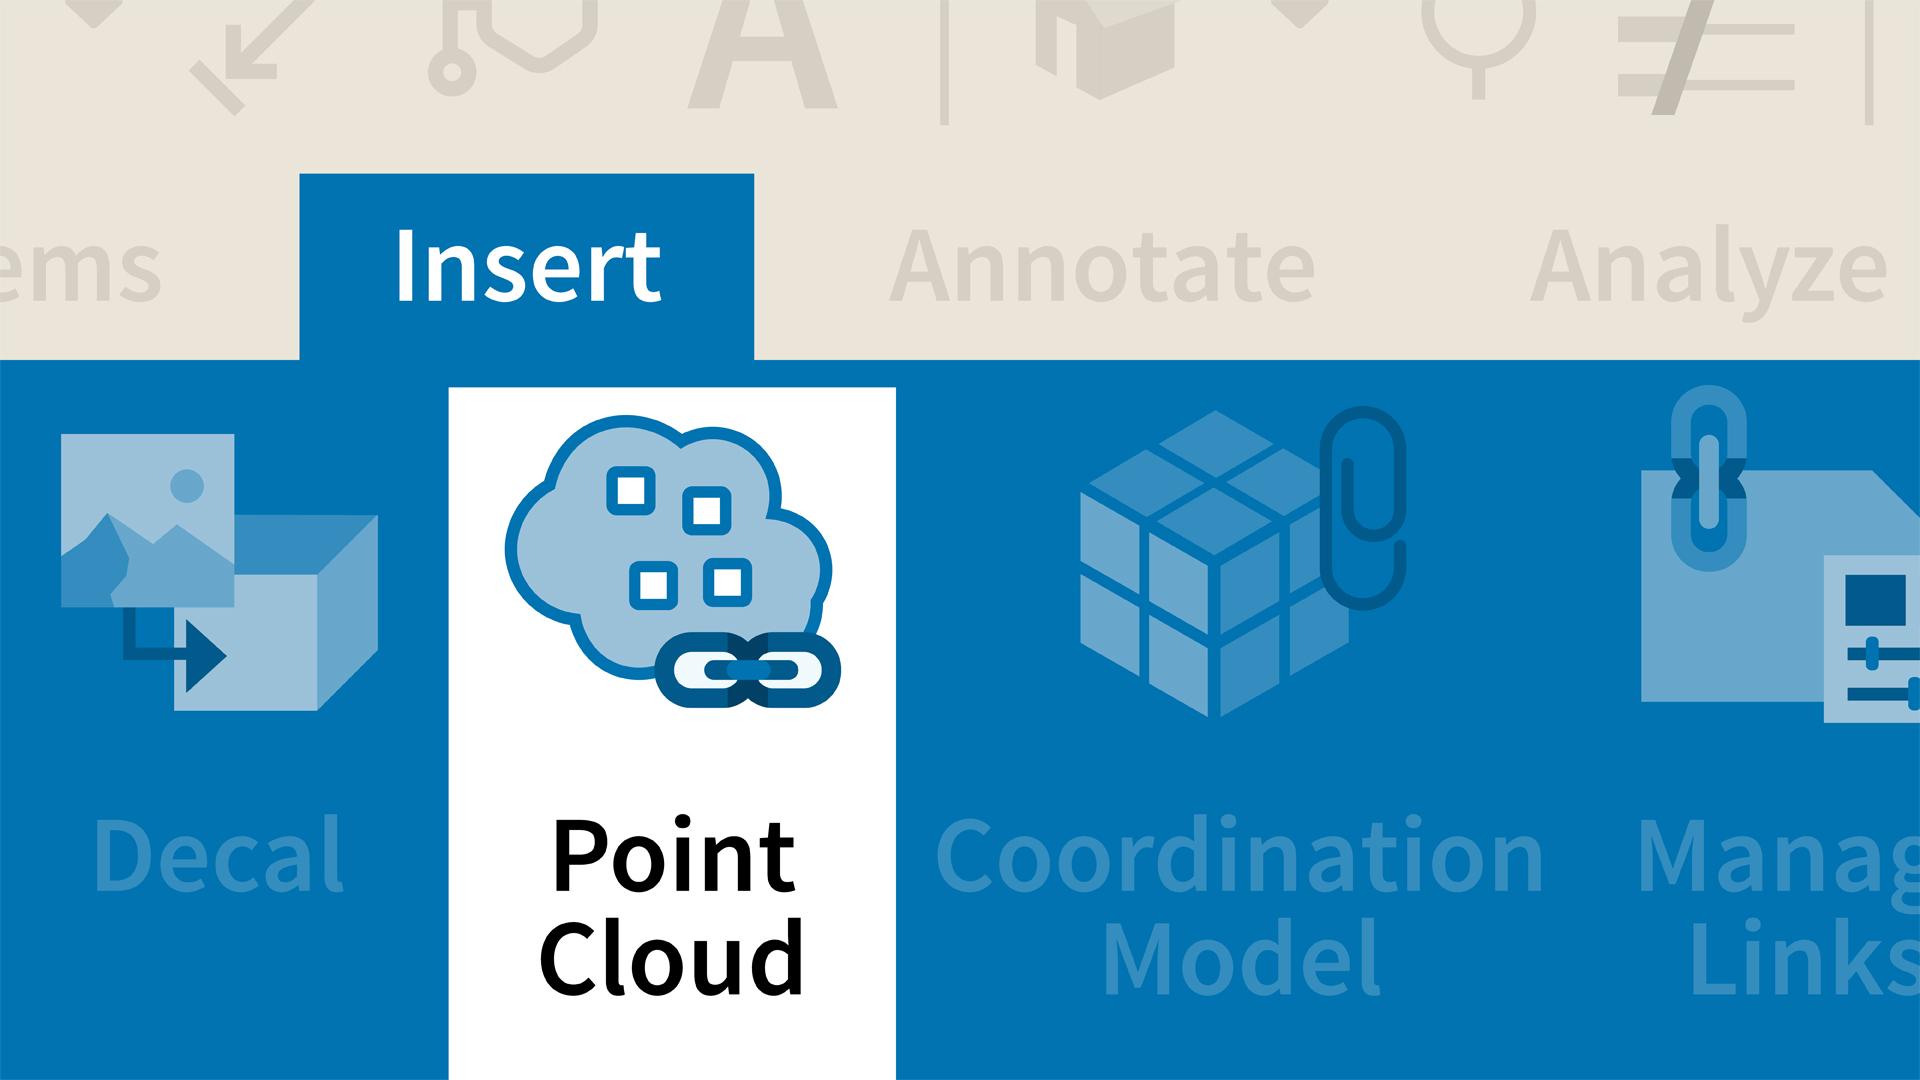 Revit: Using Point Cloud Data